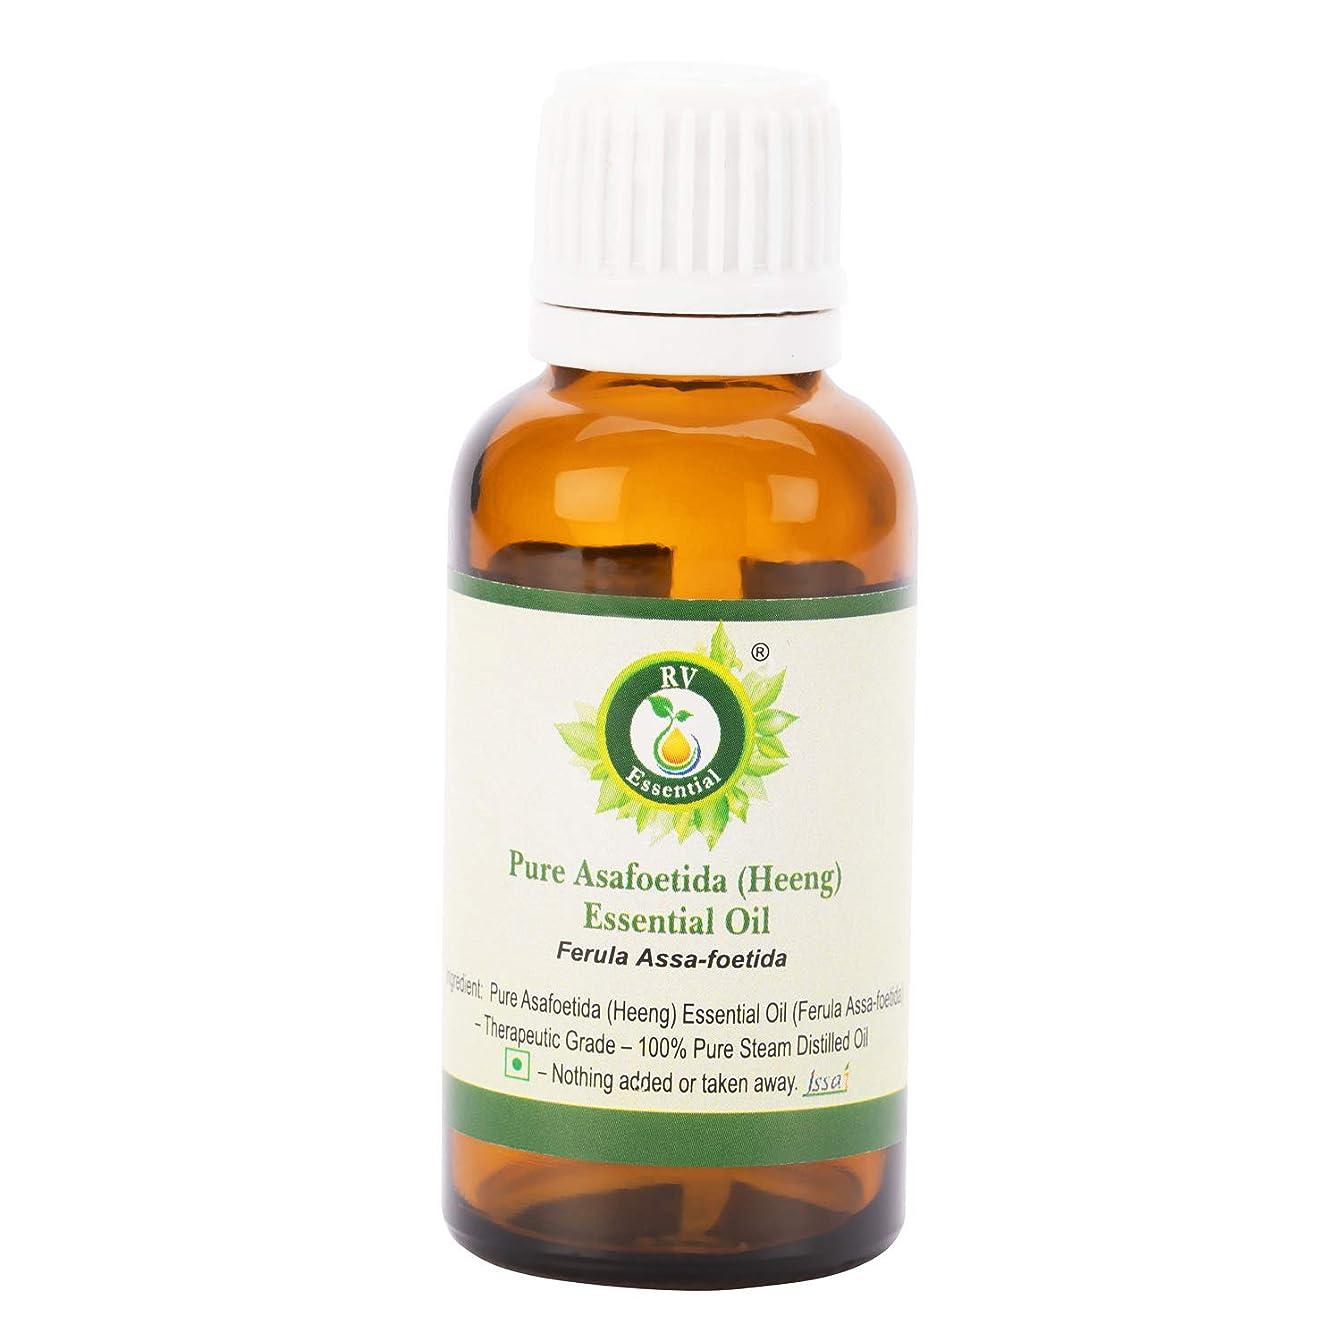 離すサラミ受け入れるピュアAsafoetida (Heeng)エッセンシャルオイル50ml (1.69oz)- Ferula Assa (100%純粋&天然スチームDistilled) Pure Asafoetida (Heeng) Essential Oil